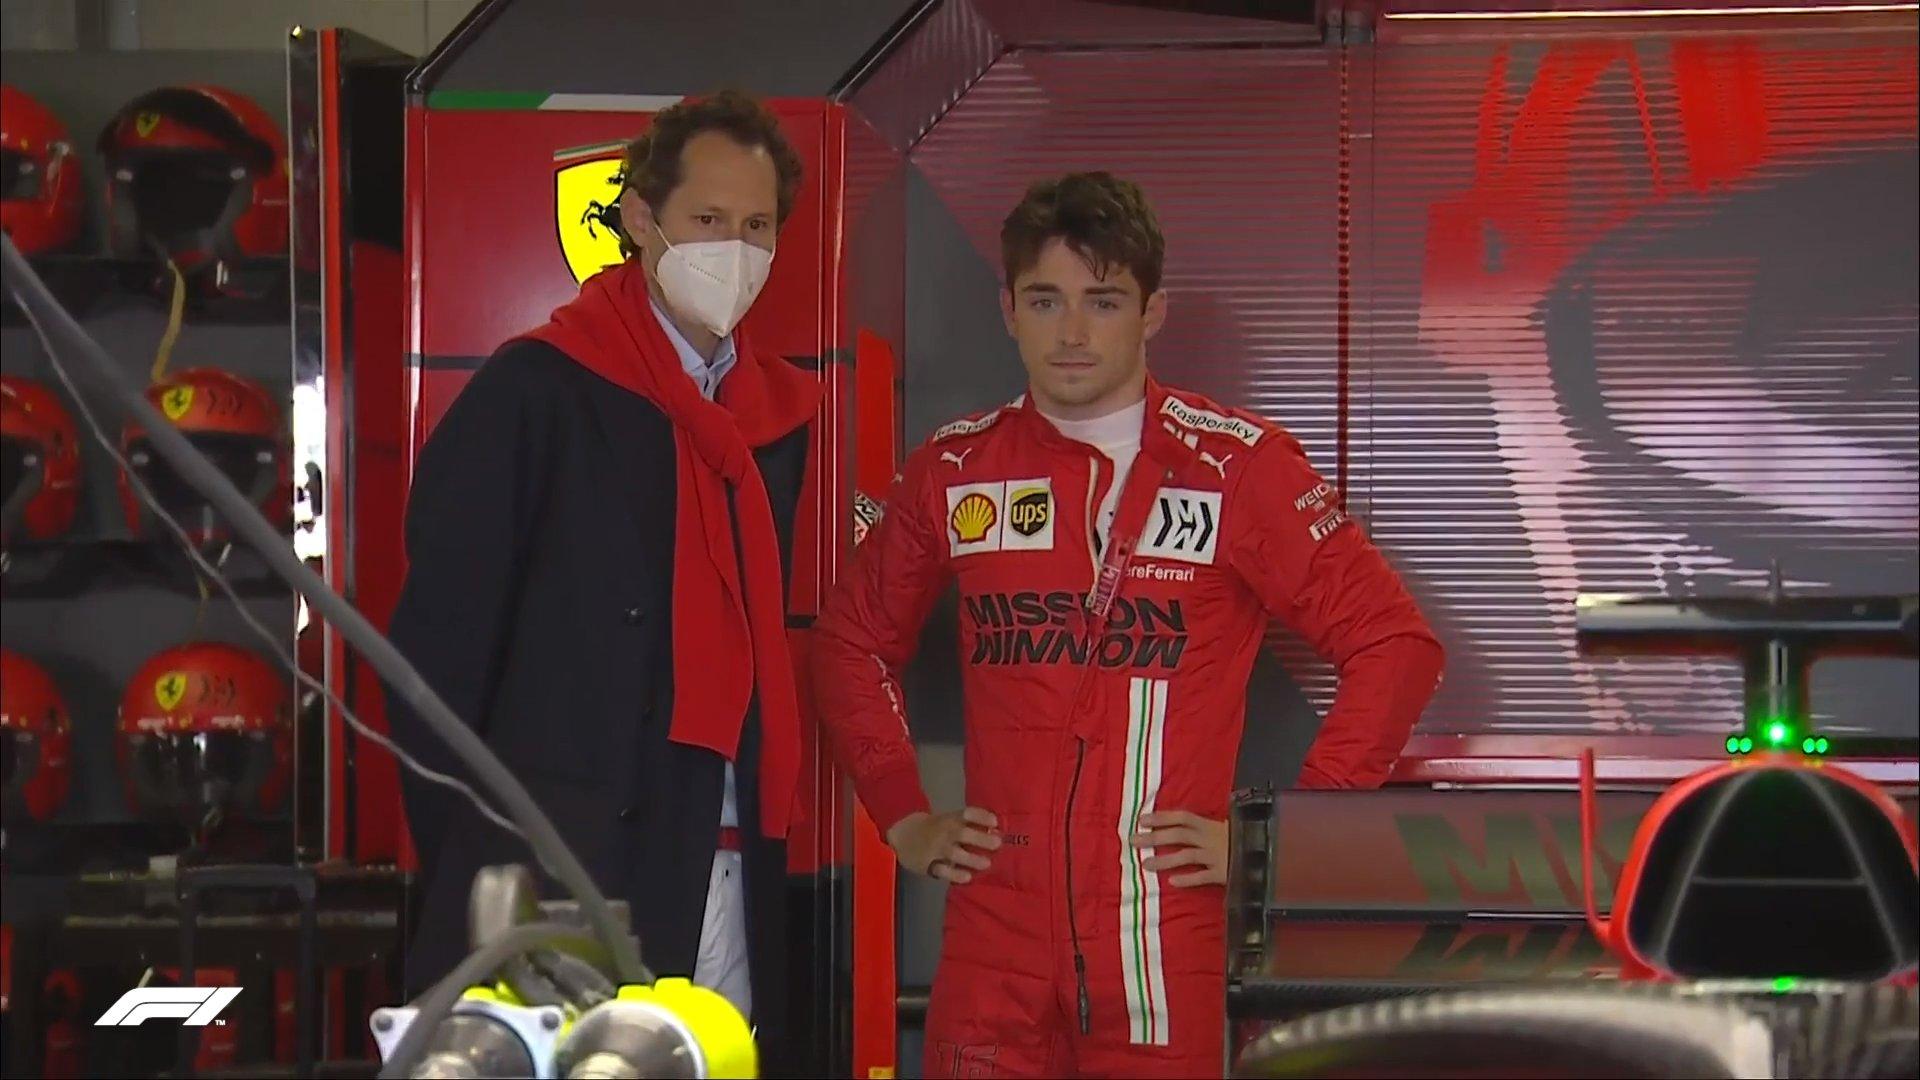 Gương mặt thất thần của Leclerc khi Ferrari kết luận chiếc SF21 của anh không thể tranh tài ở Monaco. Ảnh: F1